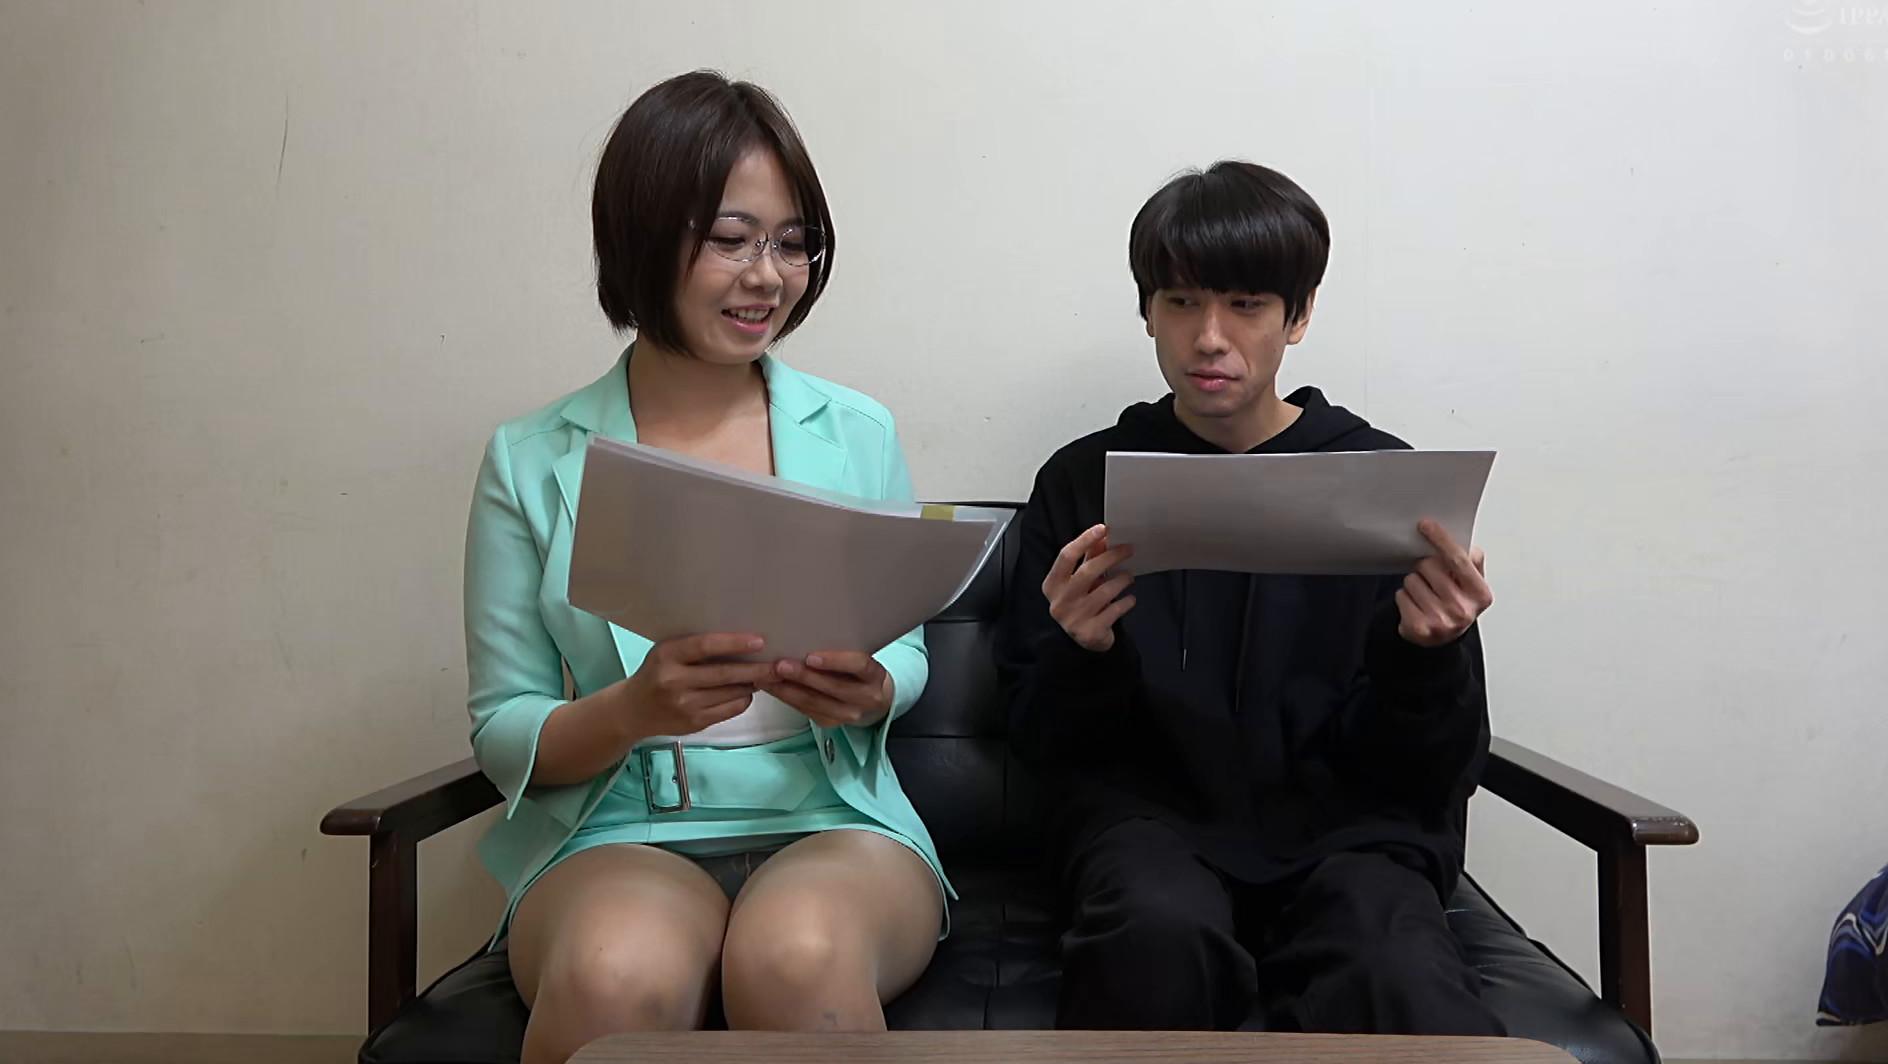 独り暮らしの男性に枕営業で契約をGETするデカパイ営業レディ 赤瀬尚子,のサンプル画像3